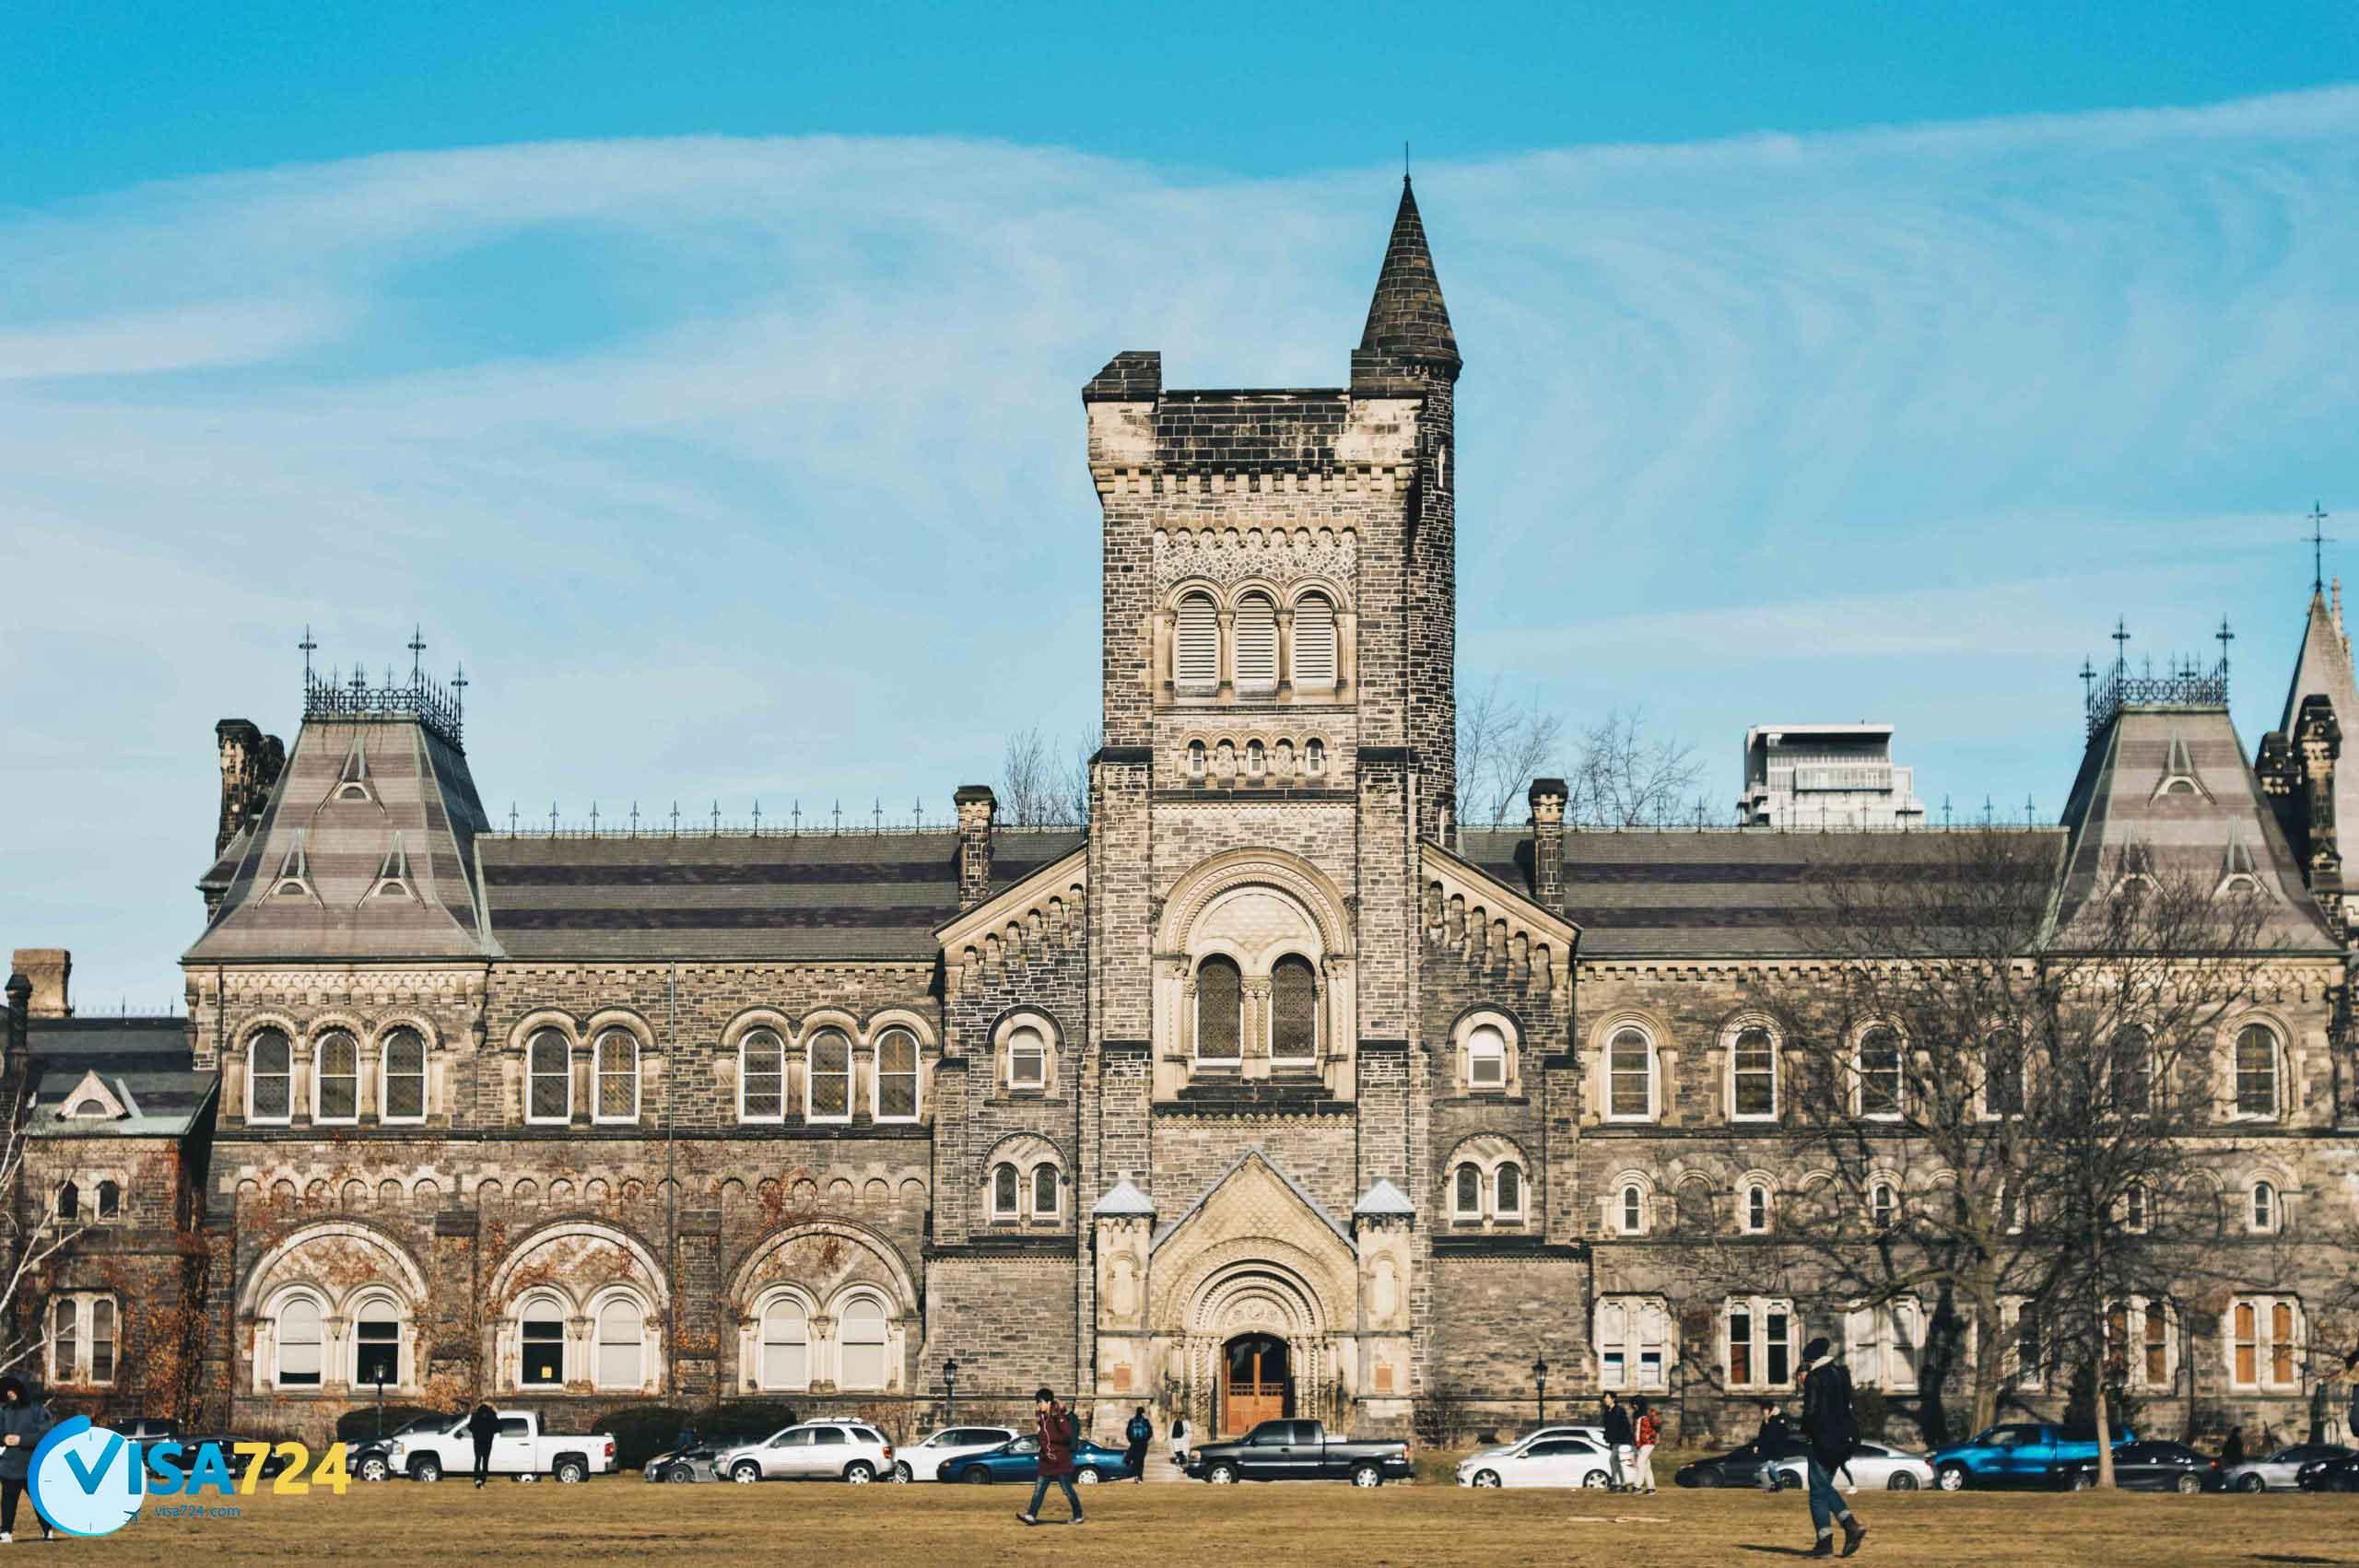 تحصیل پزشکی در دانشگاه تورنتو